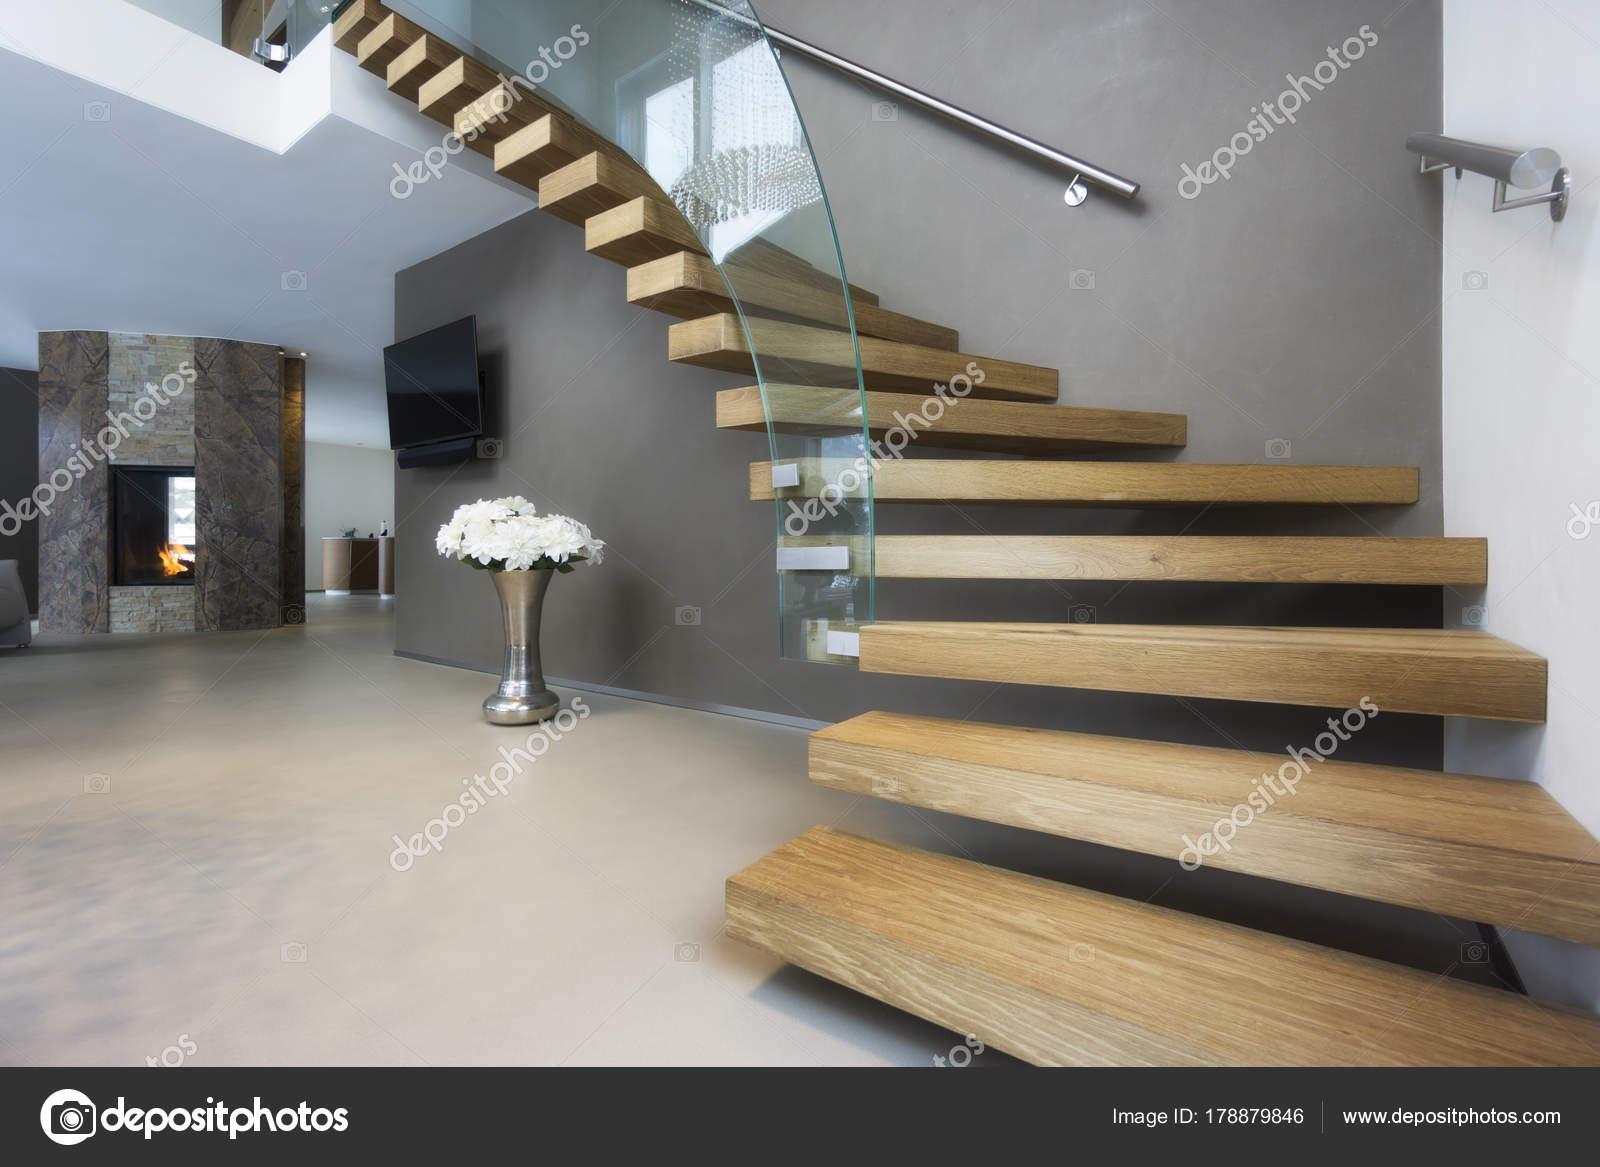 Fotos escaleras de casa lujosa elegante escalera de madera y cristal en casa de lujo foto - Escaleras de casas de lujo ...